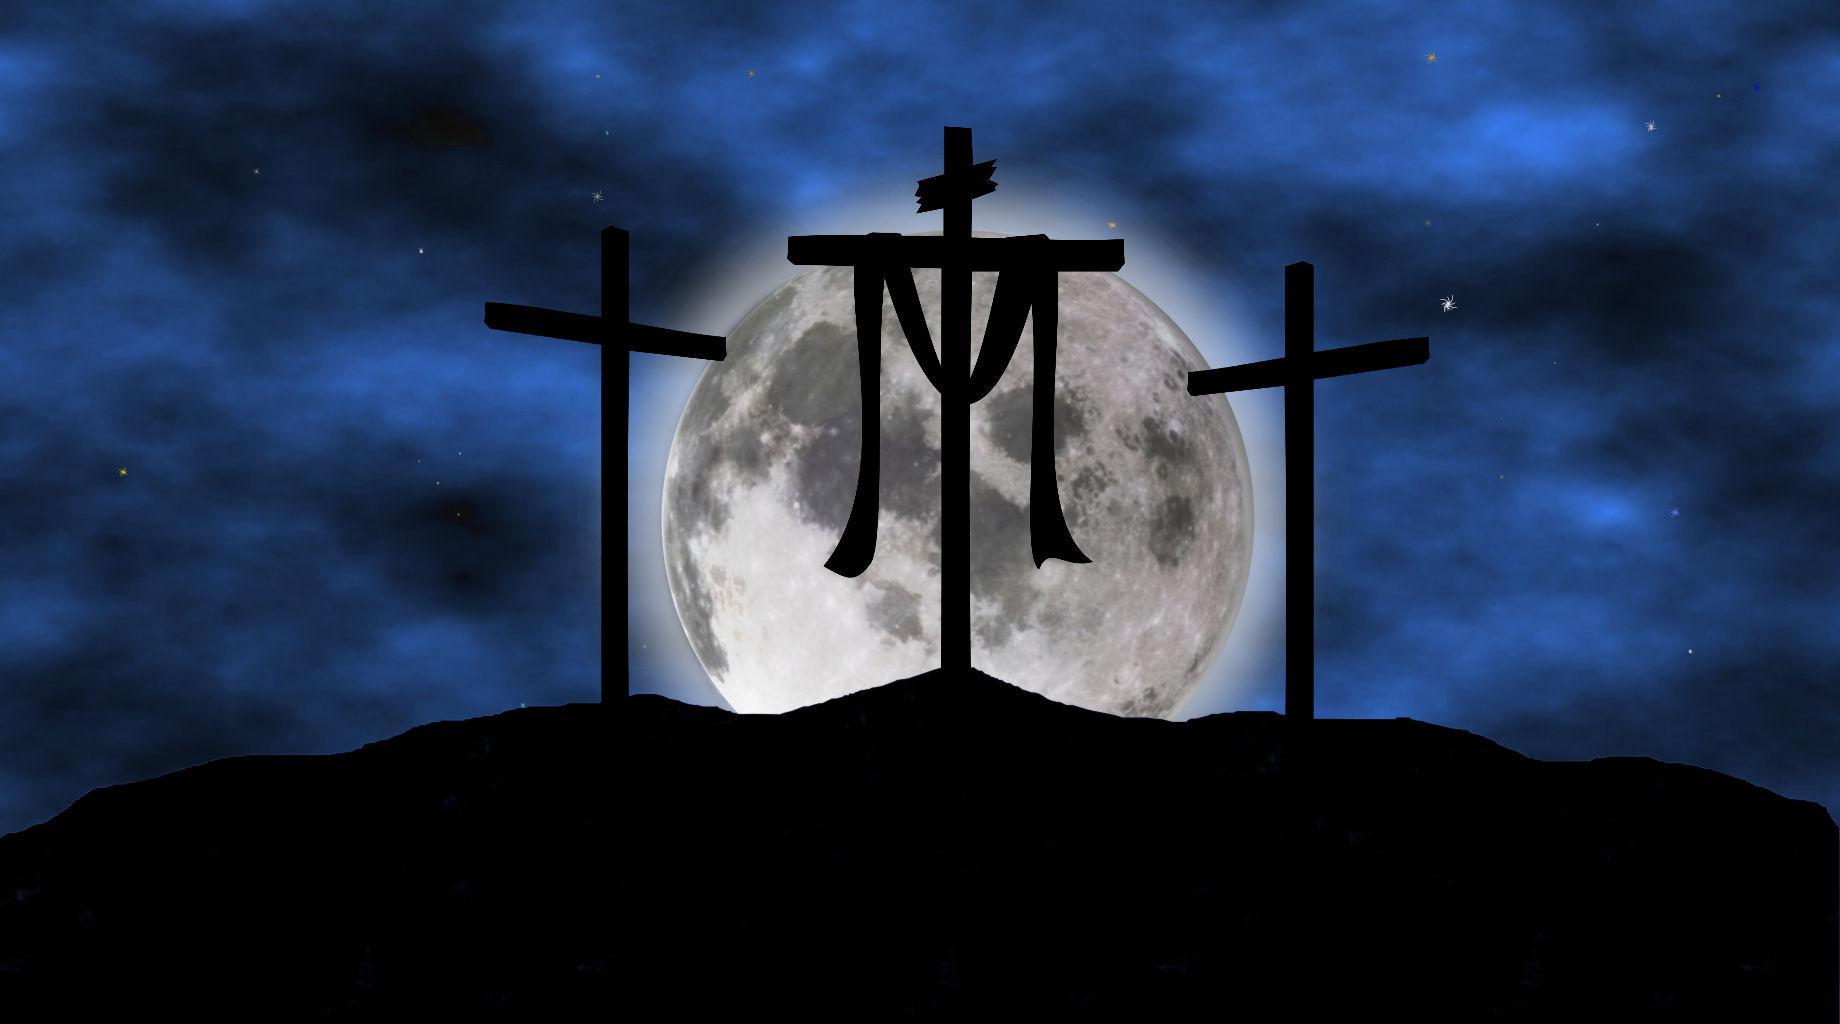 1385159 47298620 - Mýty o křesťanech a křesťanství